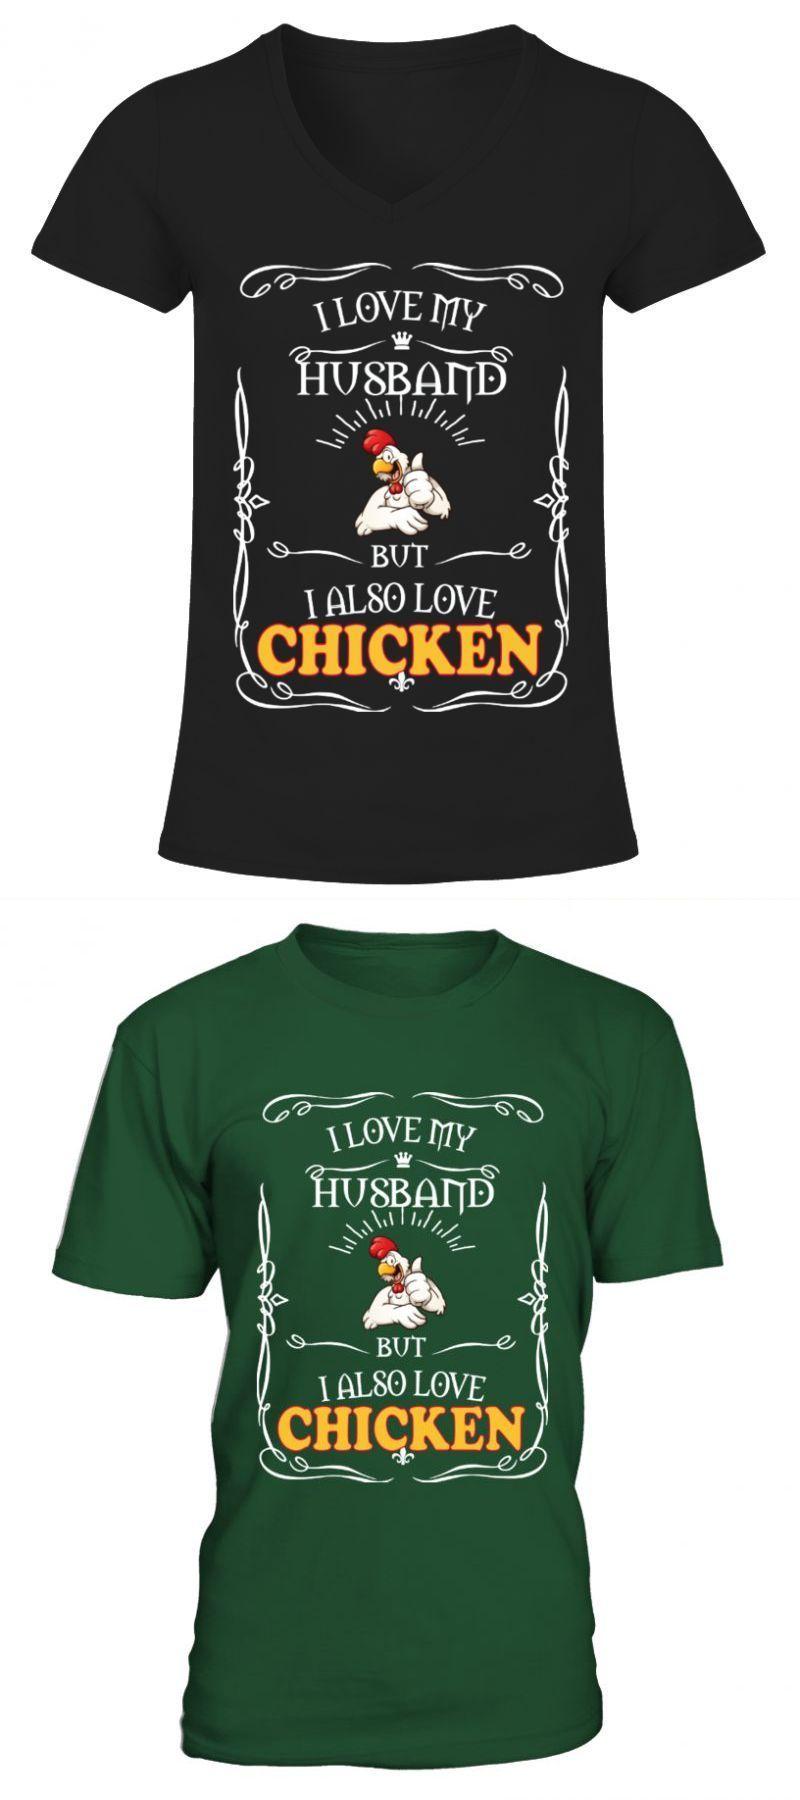 08dc5f176e8c Guess what chicken butt t-shirt chicken animals tshirt chicken lovers t  shirts #guess #what #chicken #butt #t-shirt #animals #tshirt #lovers #shirts  #shirt ...